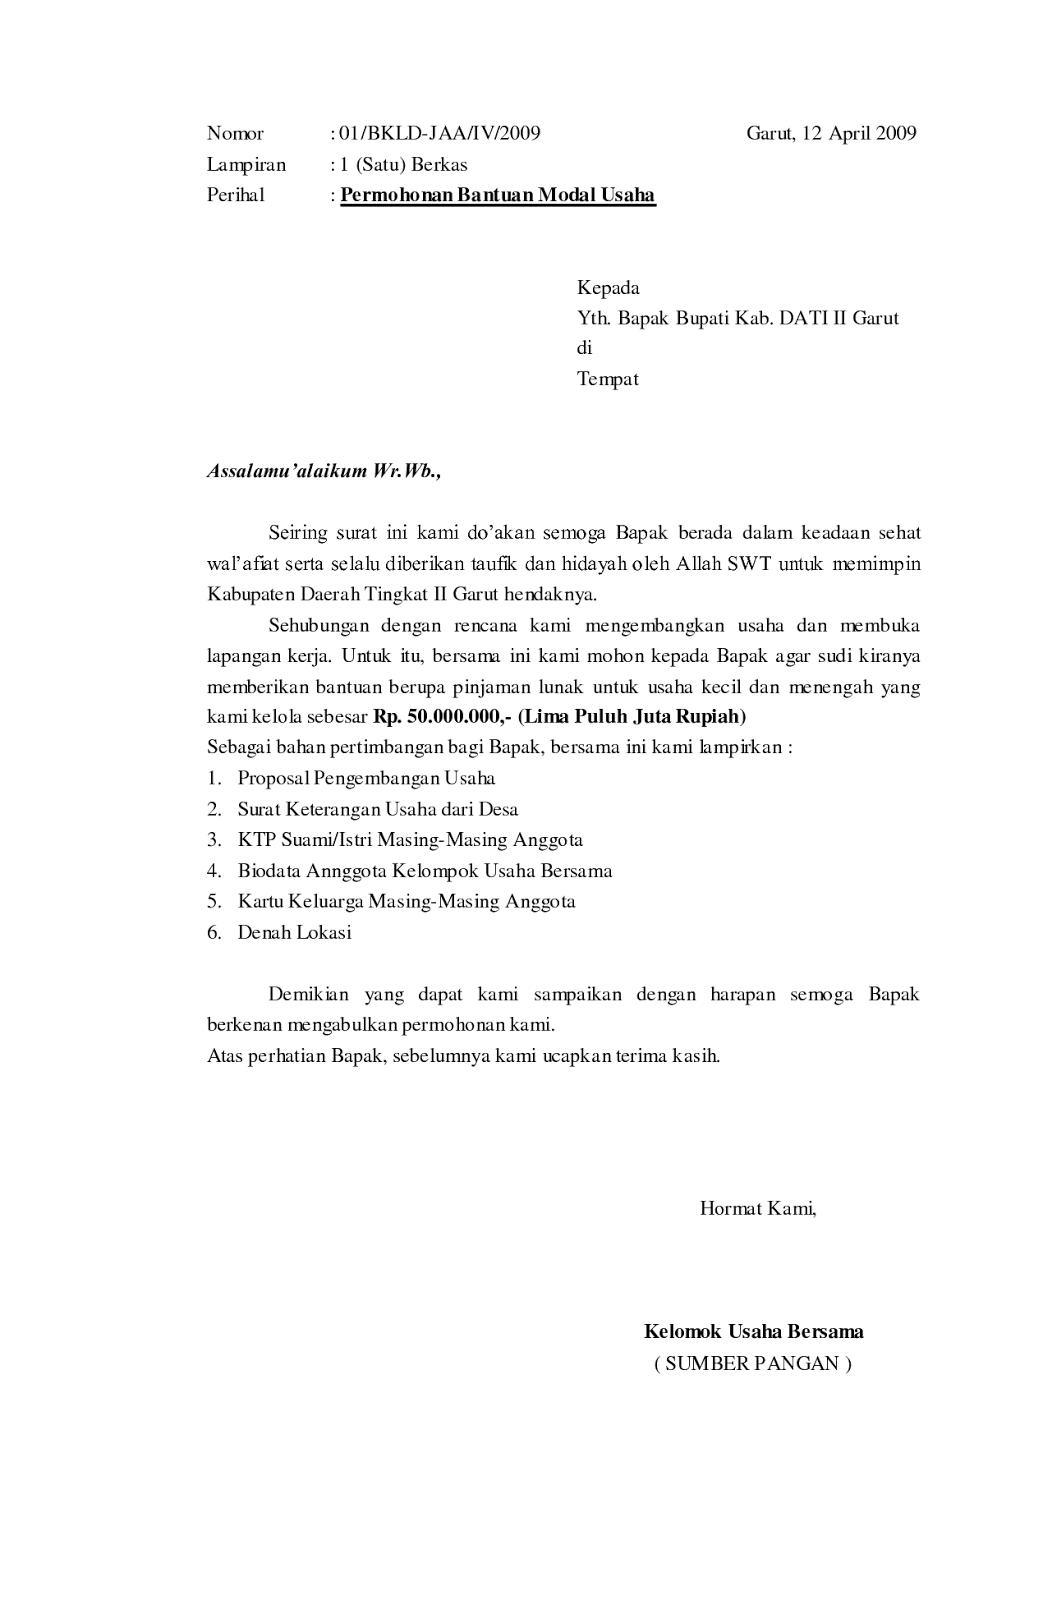 Contoh Proposal Usaha Contoh Surat Format Surat Surat | Share The ...